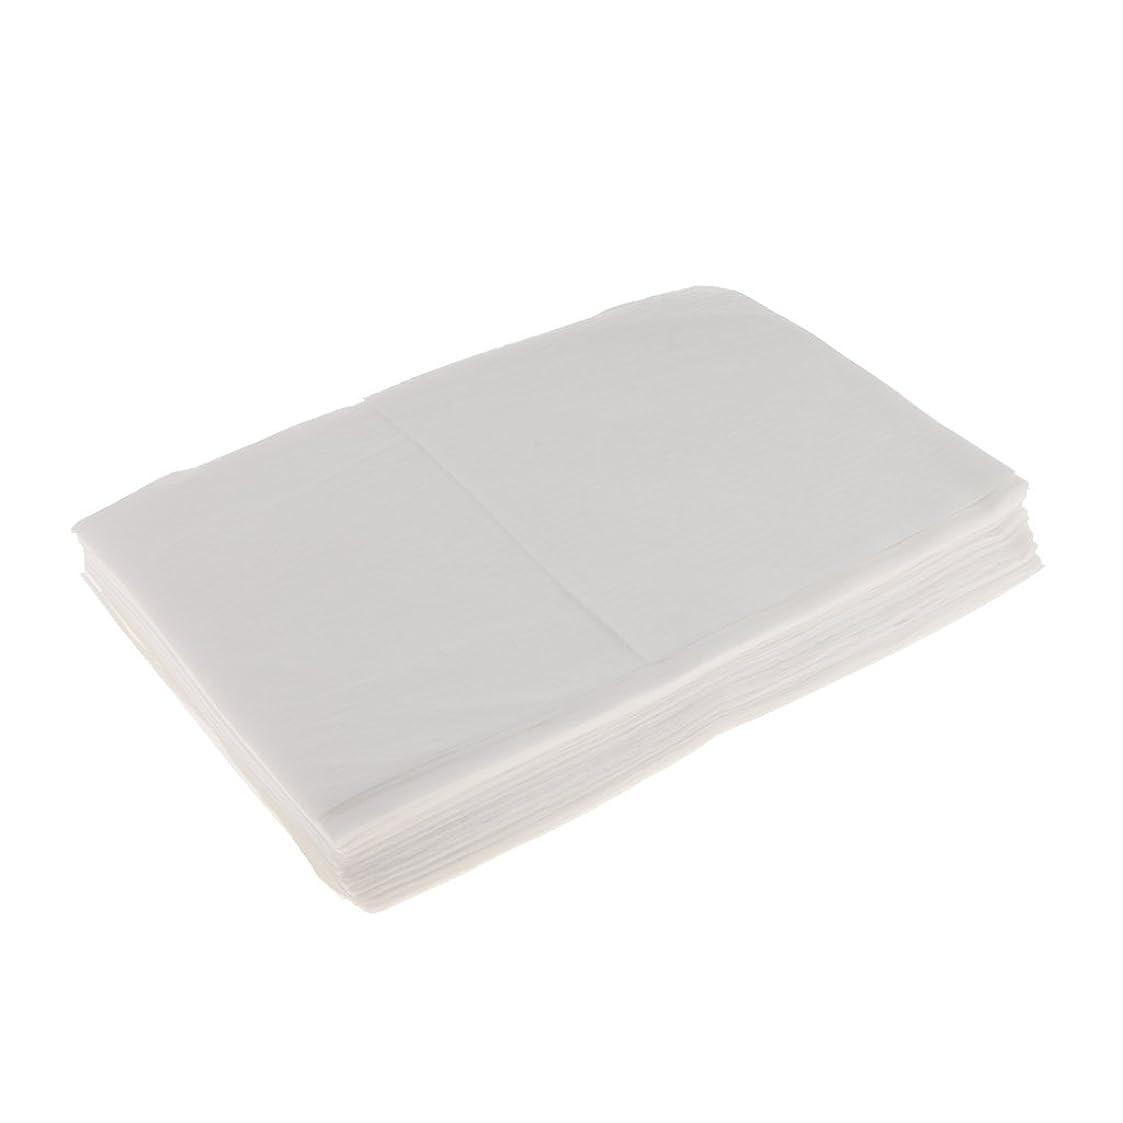 マナー多様体プレミアムKesoto 10枚 使い捨てベッドシーツ 使い捨て 美容 マッサージ サロン ホテル ベッドパッド カバー シート 2色選べ - 白